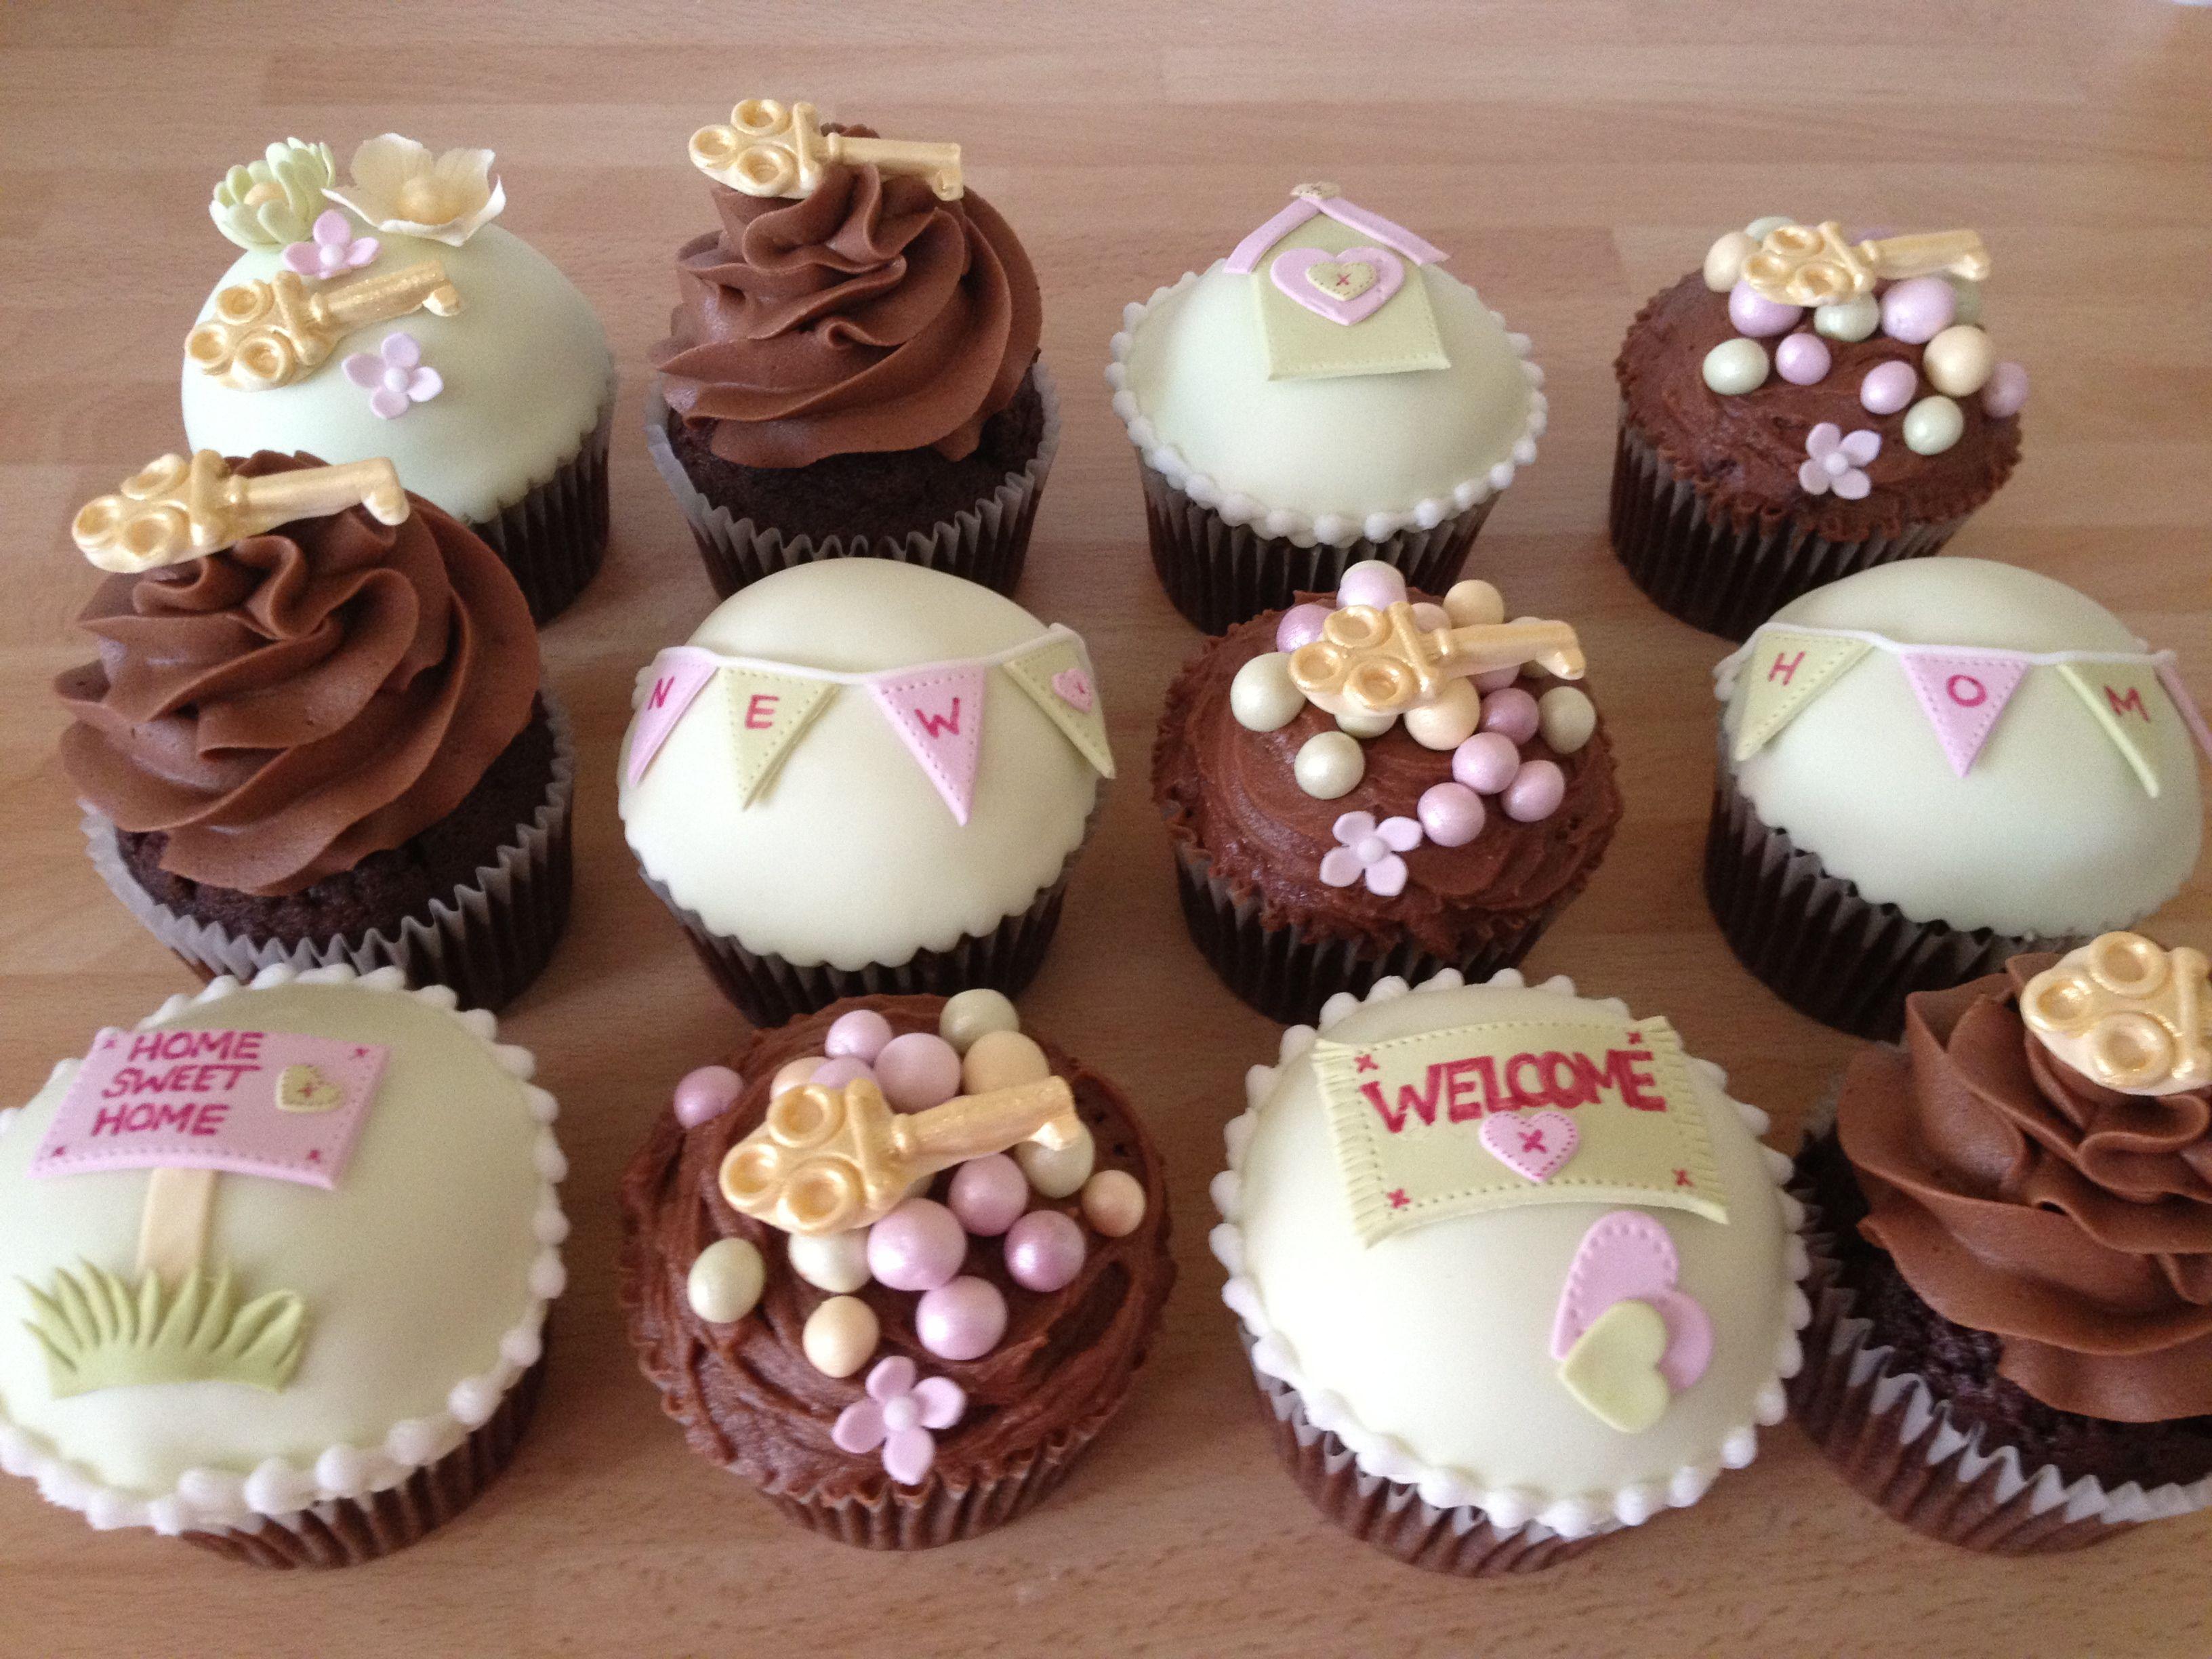 Housewarming cupcakes | cupcake | Pinterest | Decorated cupcakes ...